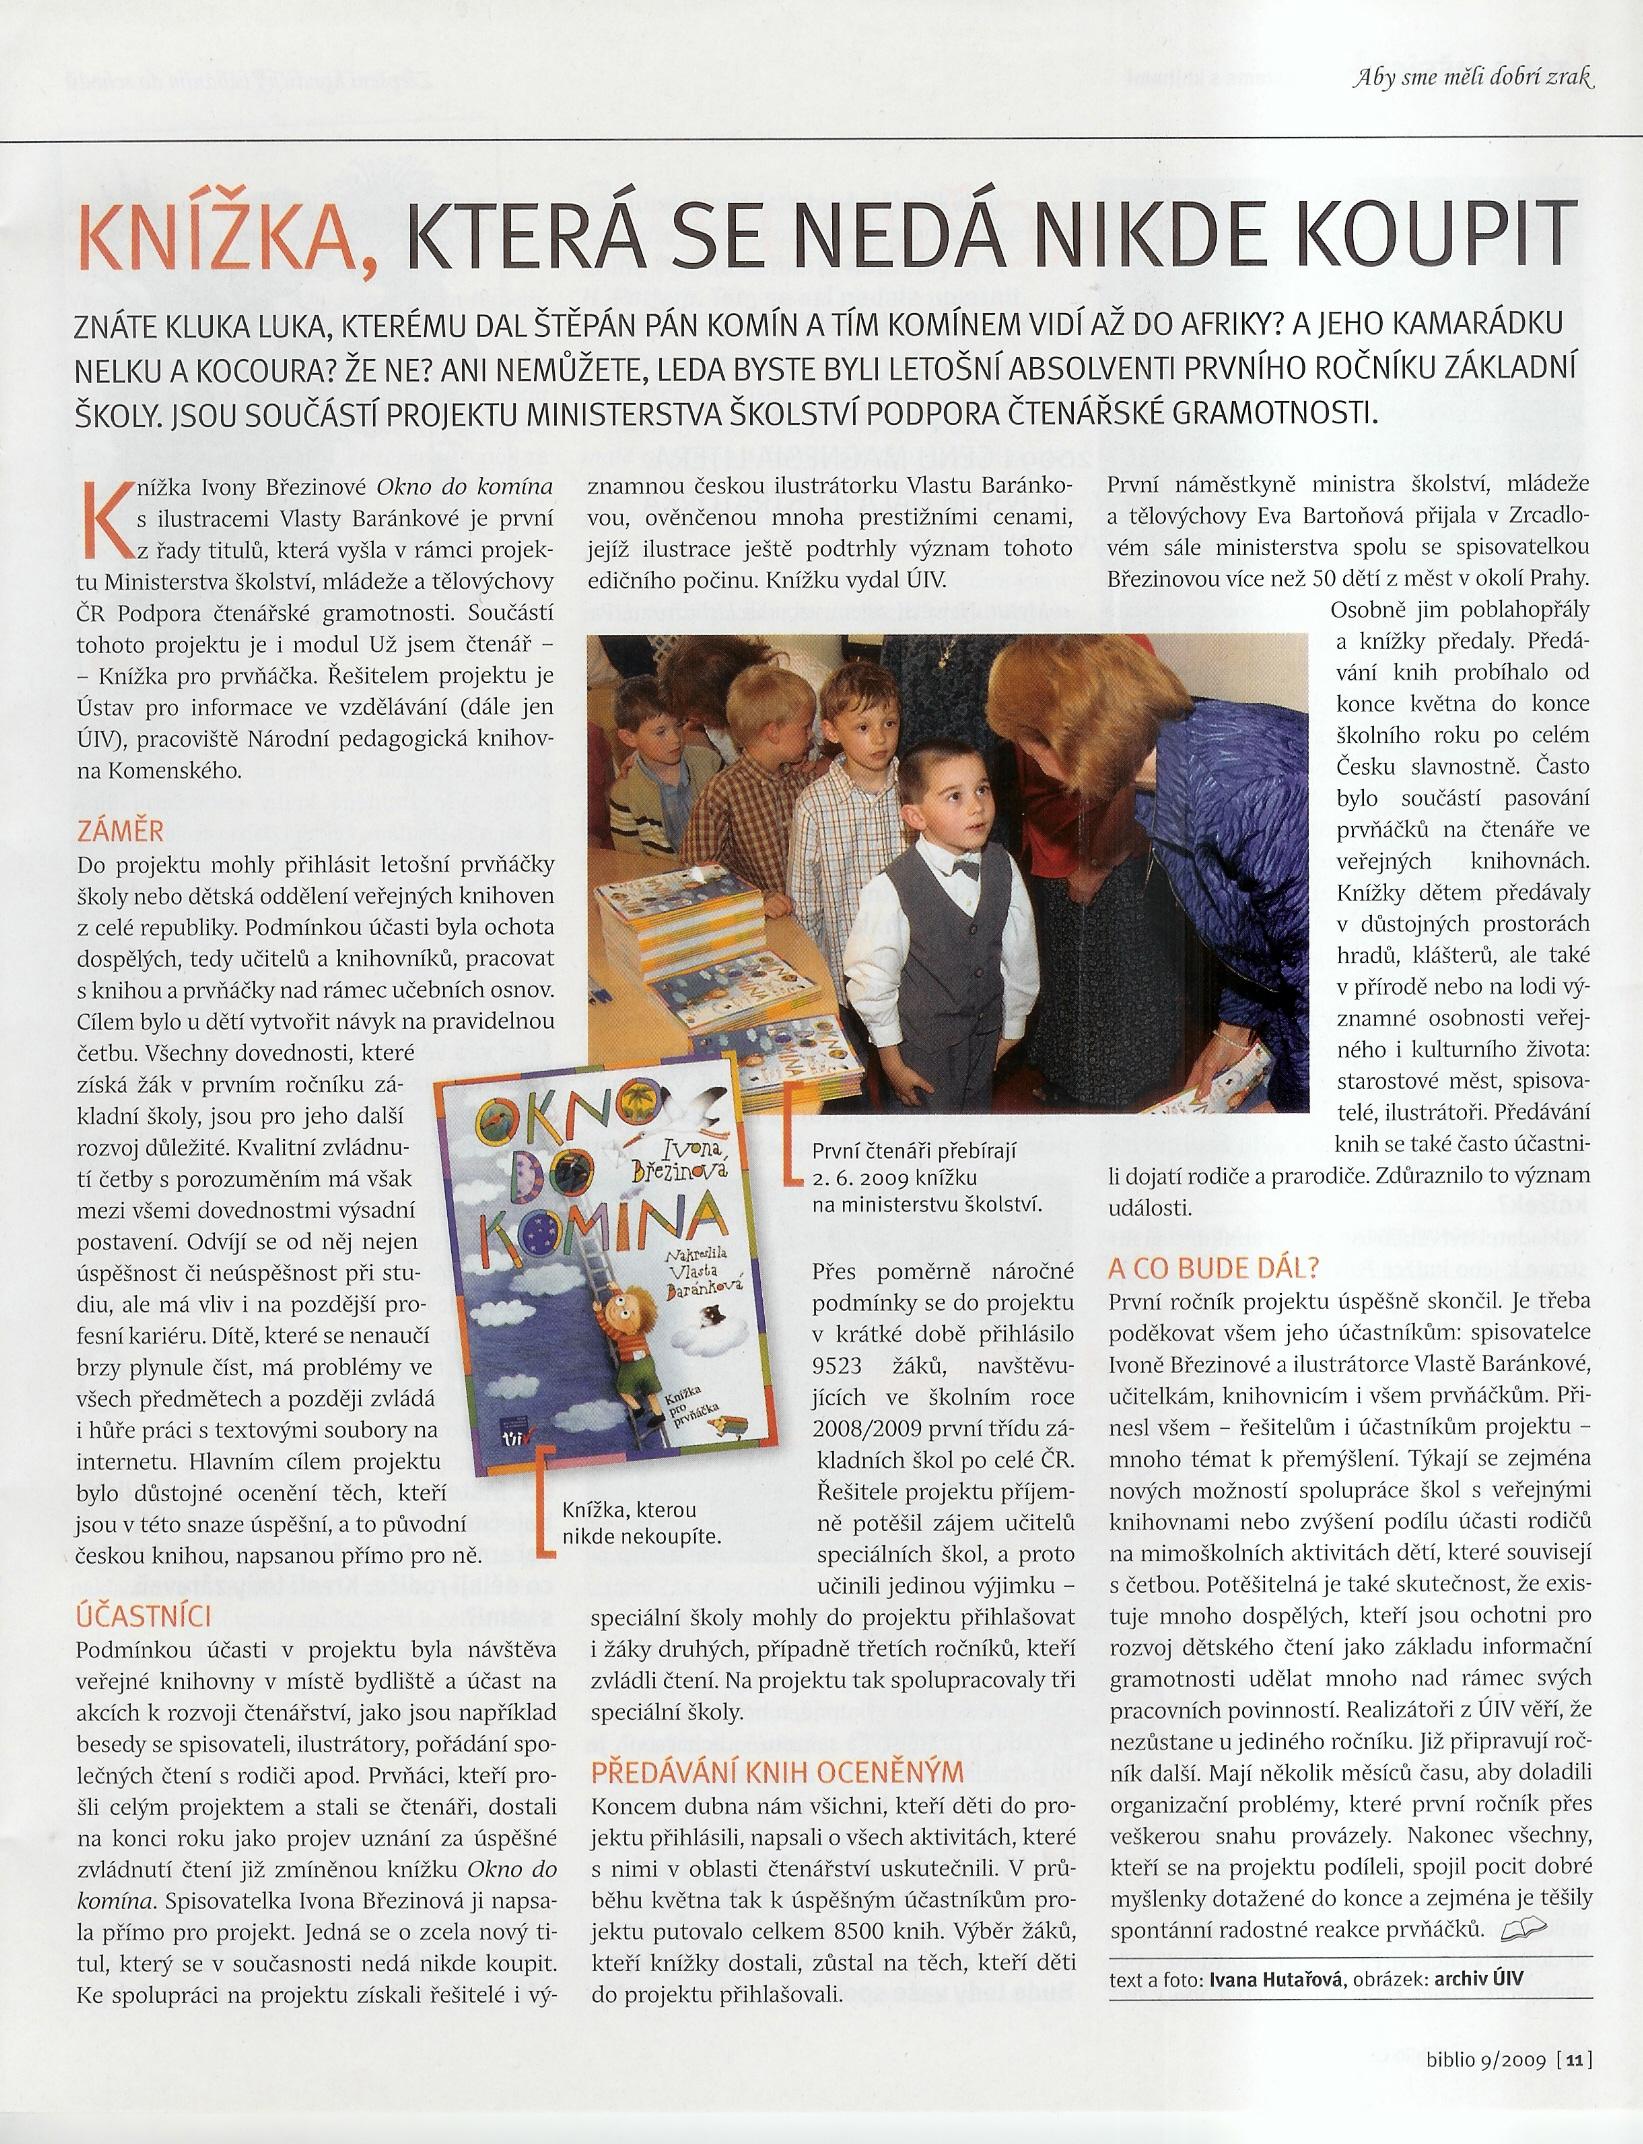 Okno_do_komina_BIBLIO_c9_2009_s11